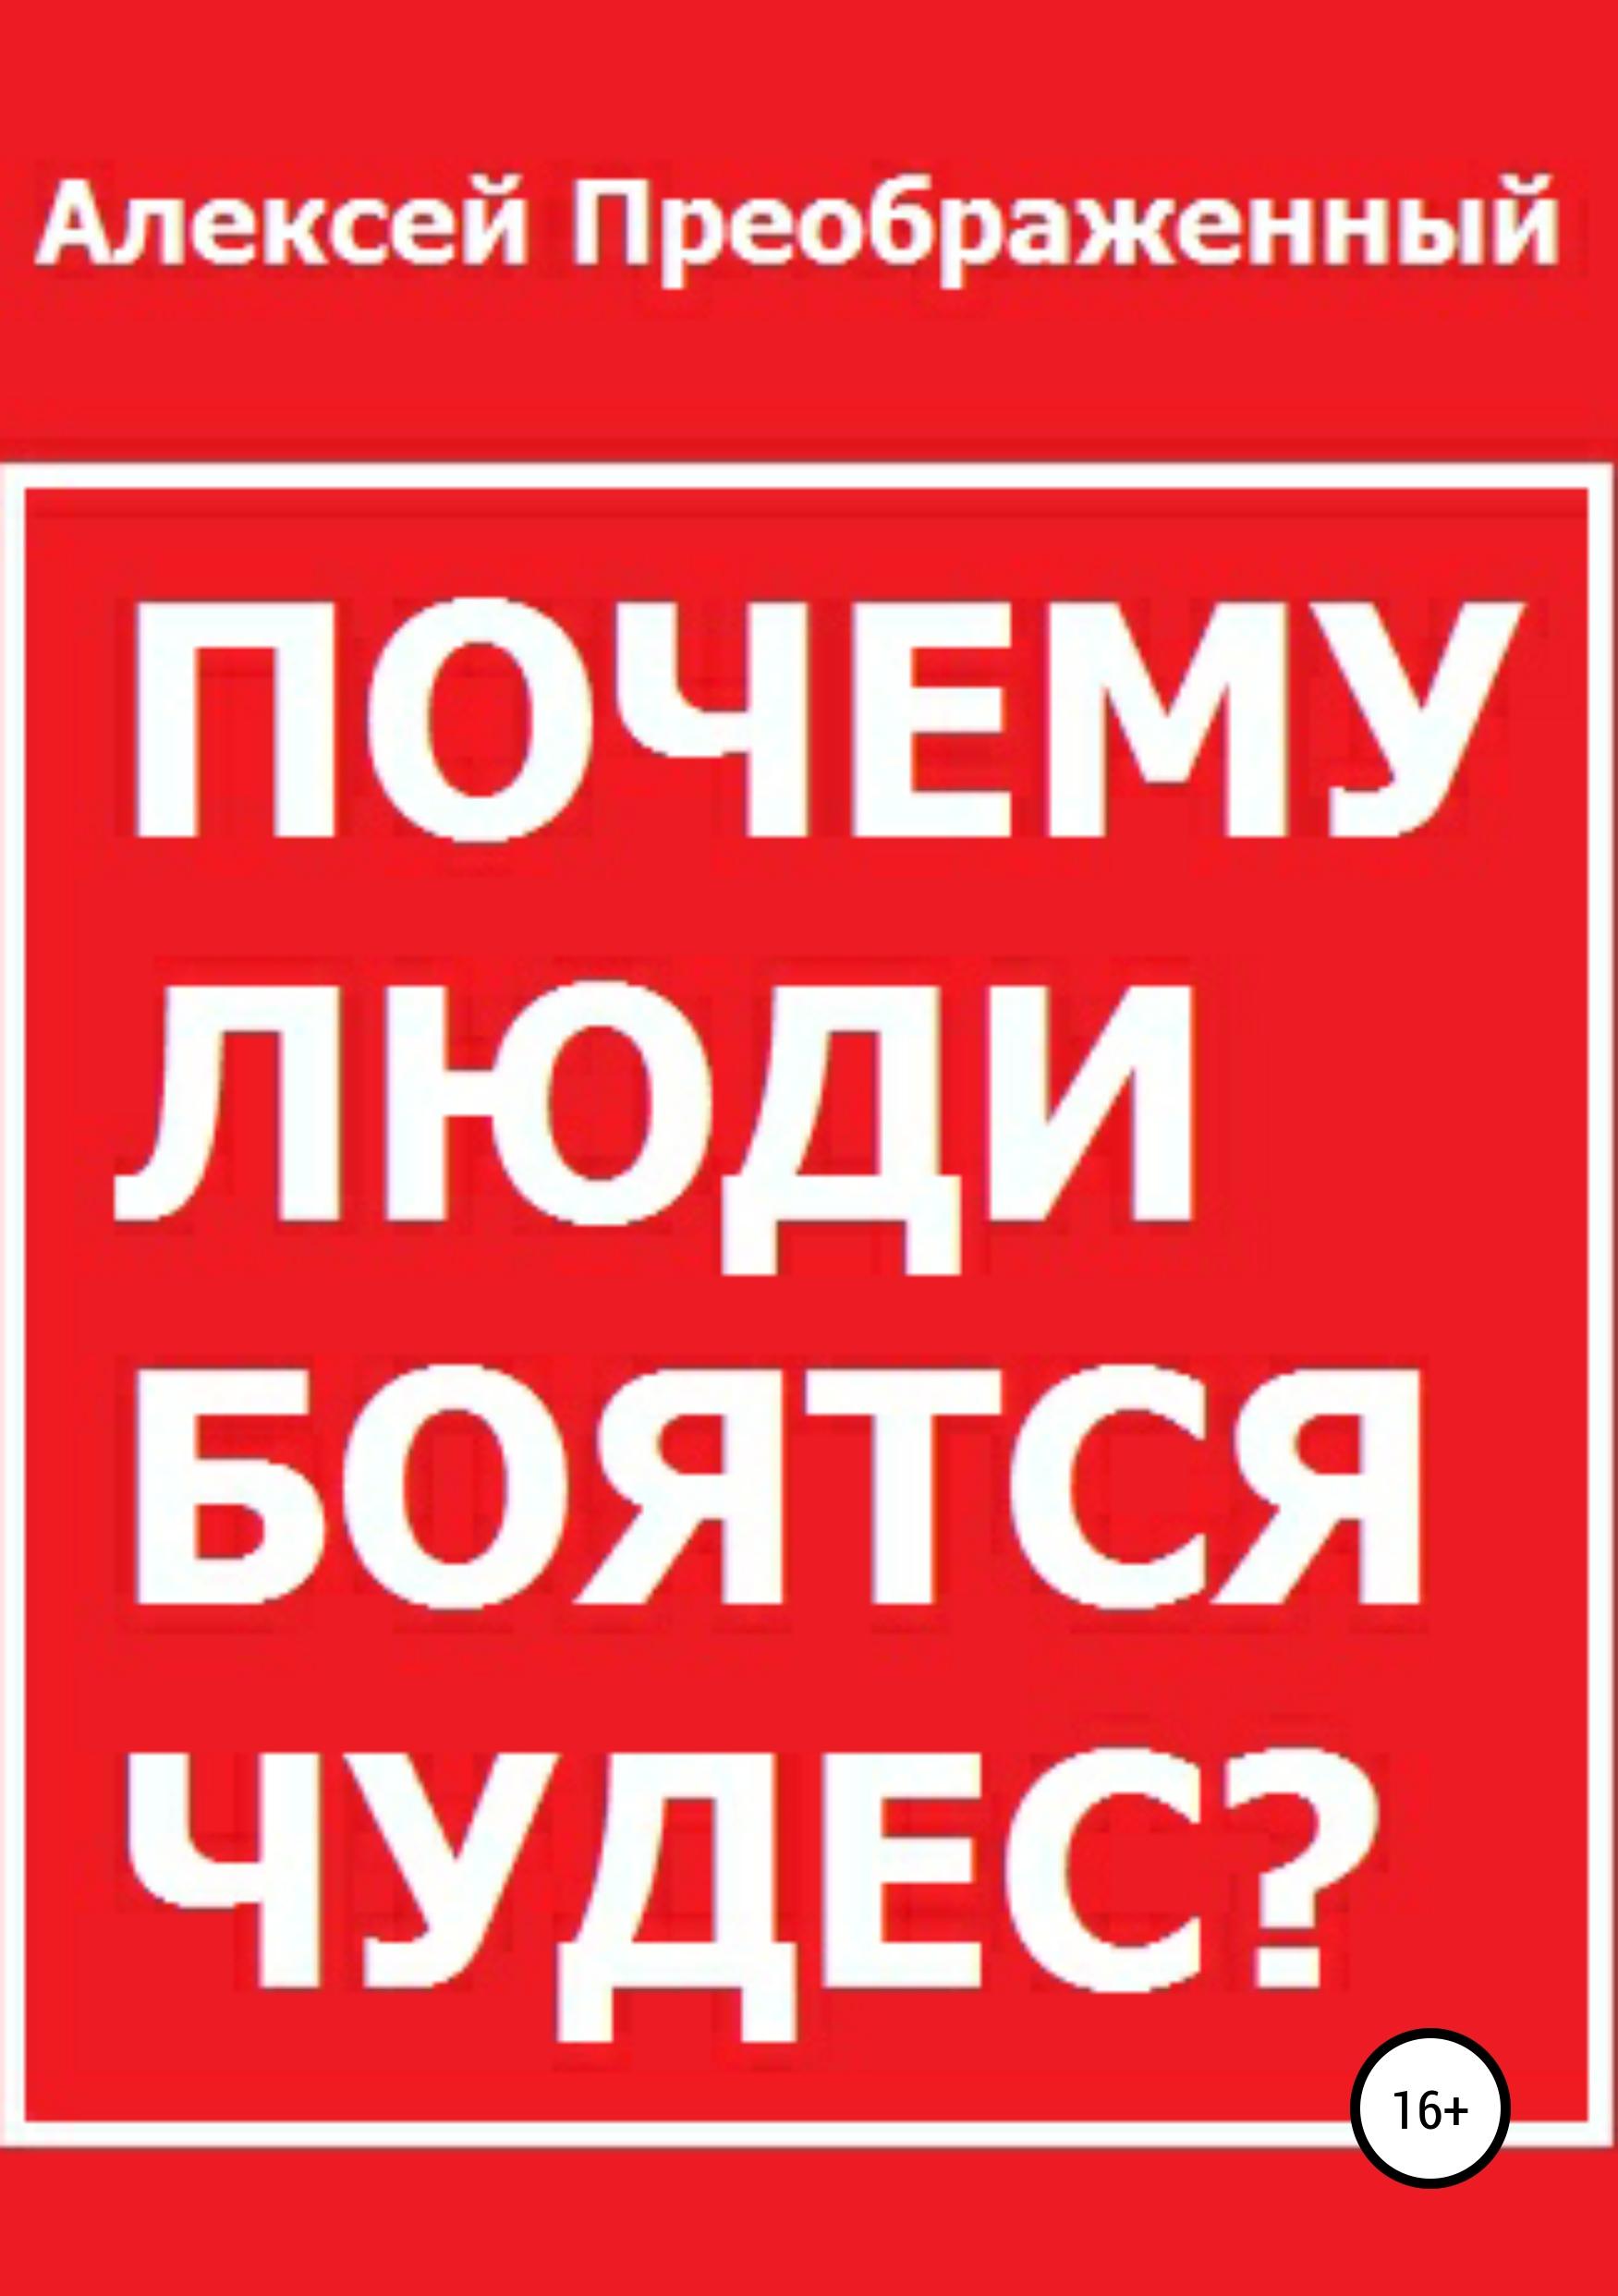 Алексей Преображенный Почему люди боятся чудес? цена